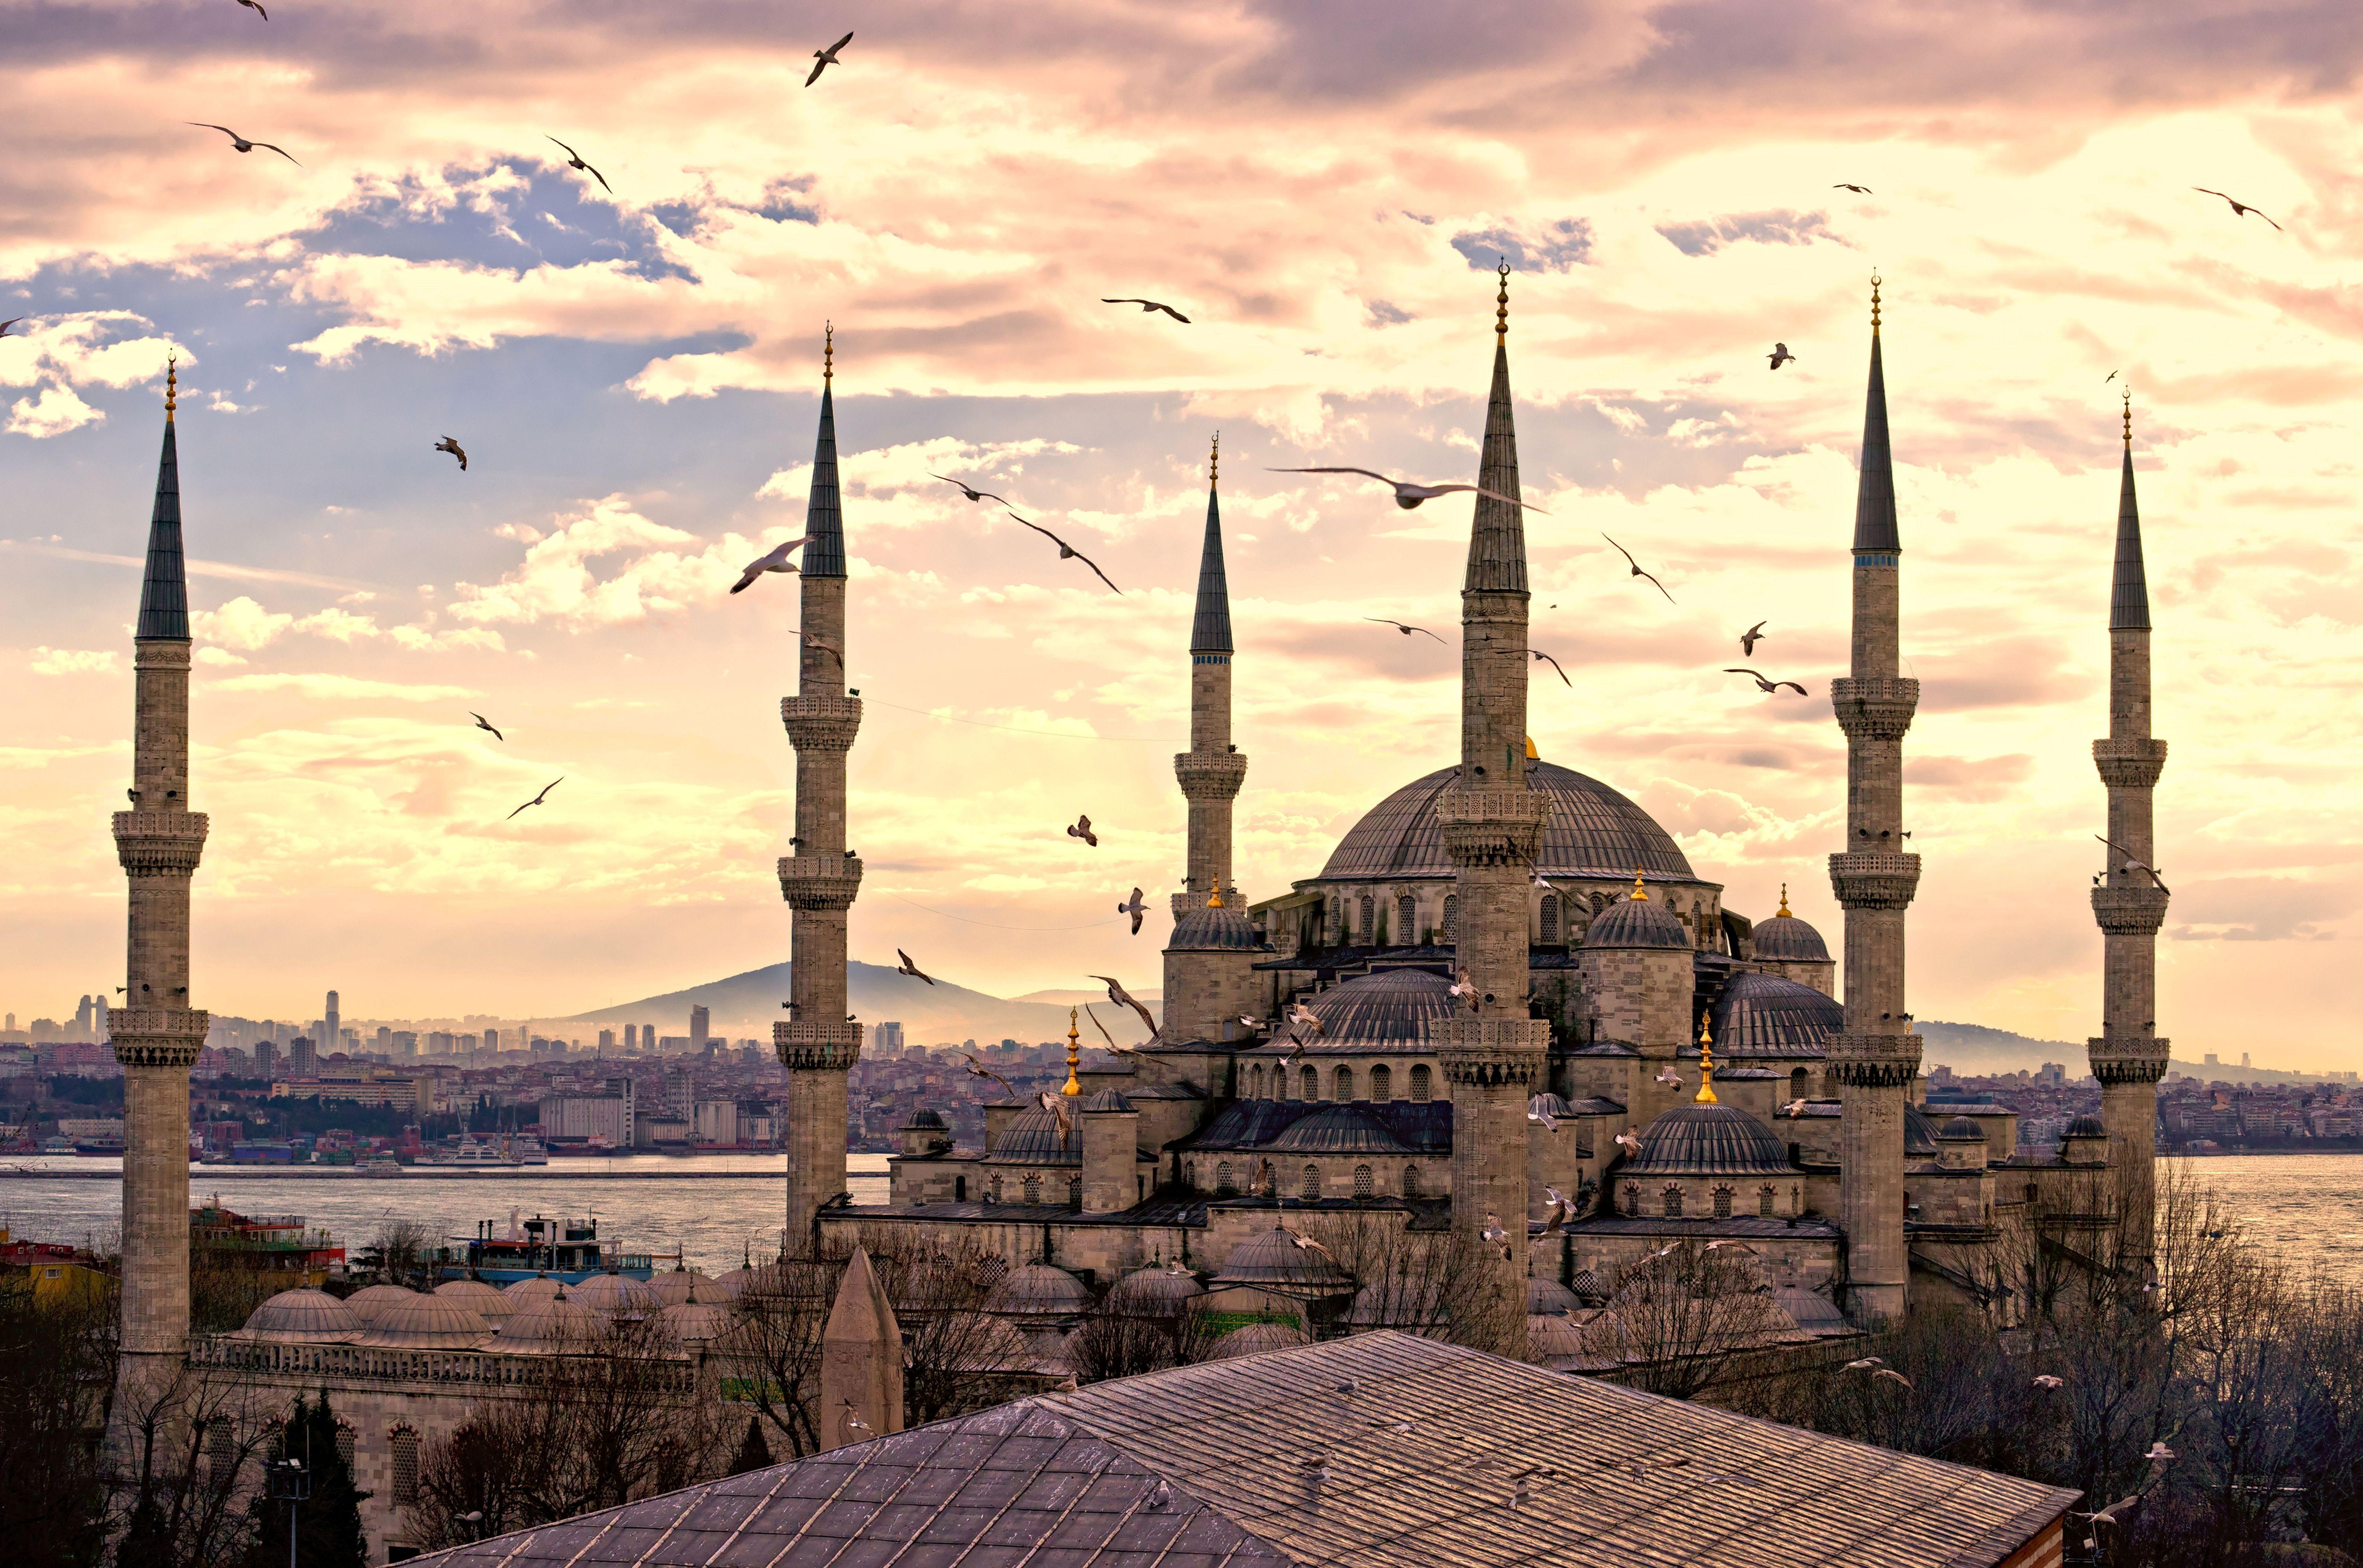 68 Turkey HD Wallpapers